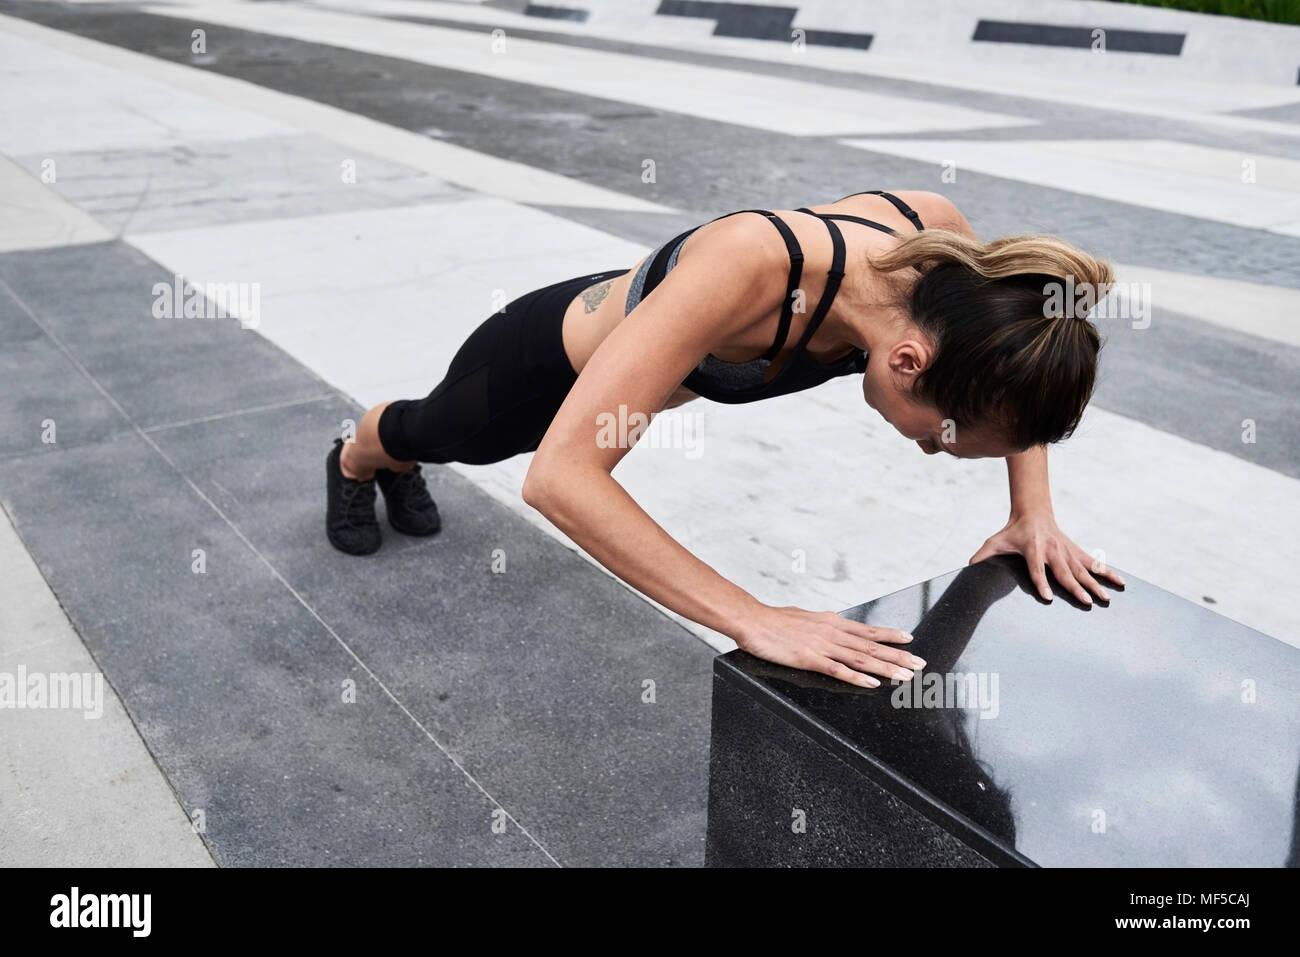 Colocar mujer haciendo flexiones en el exterior Imagen De Stock